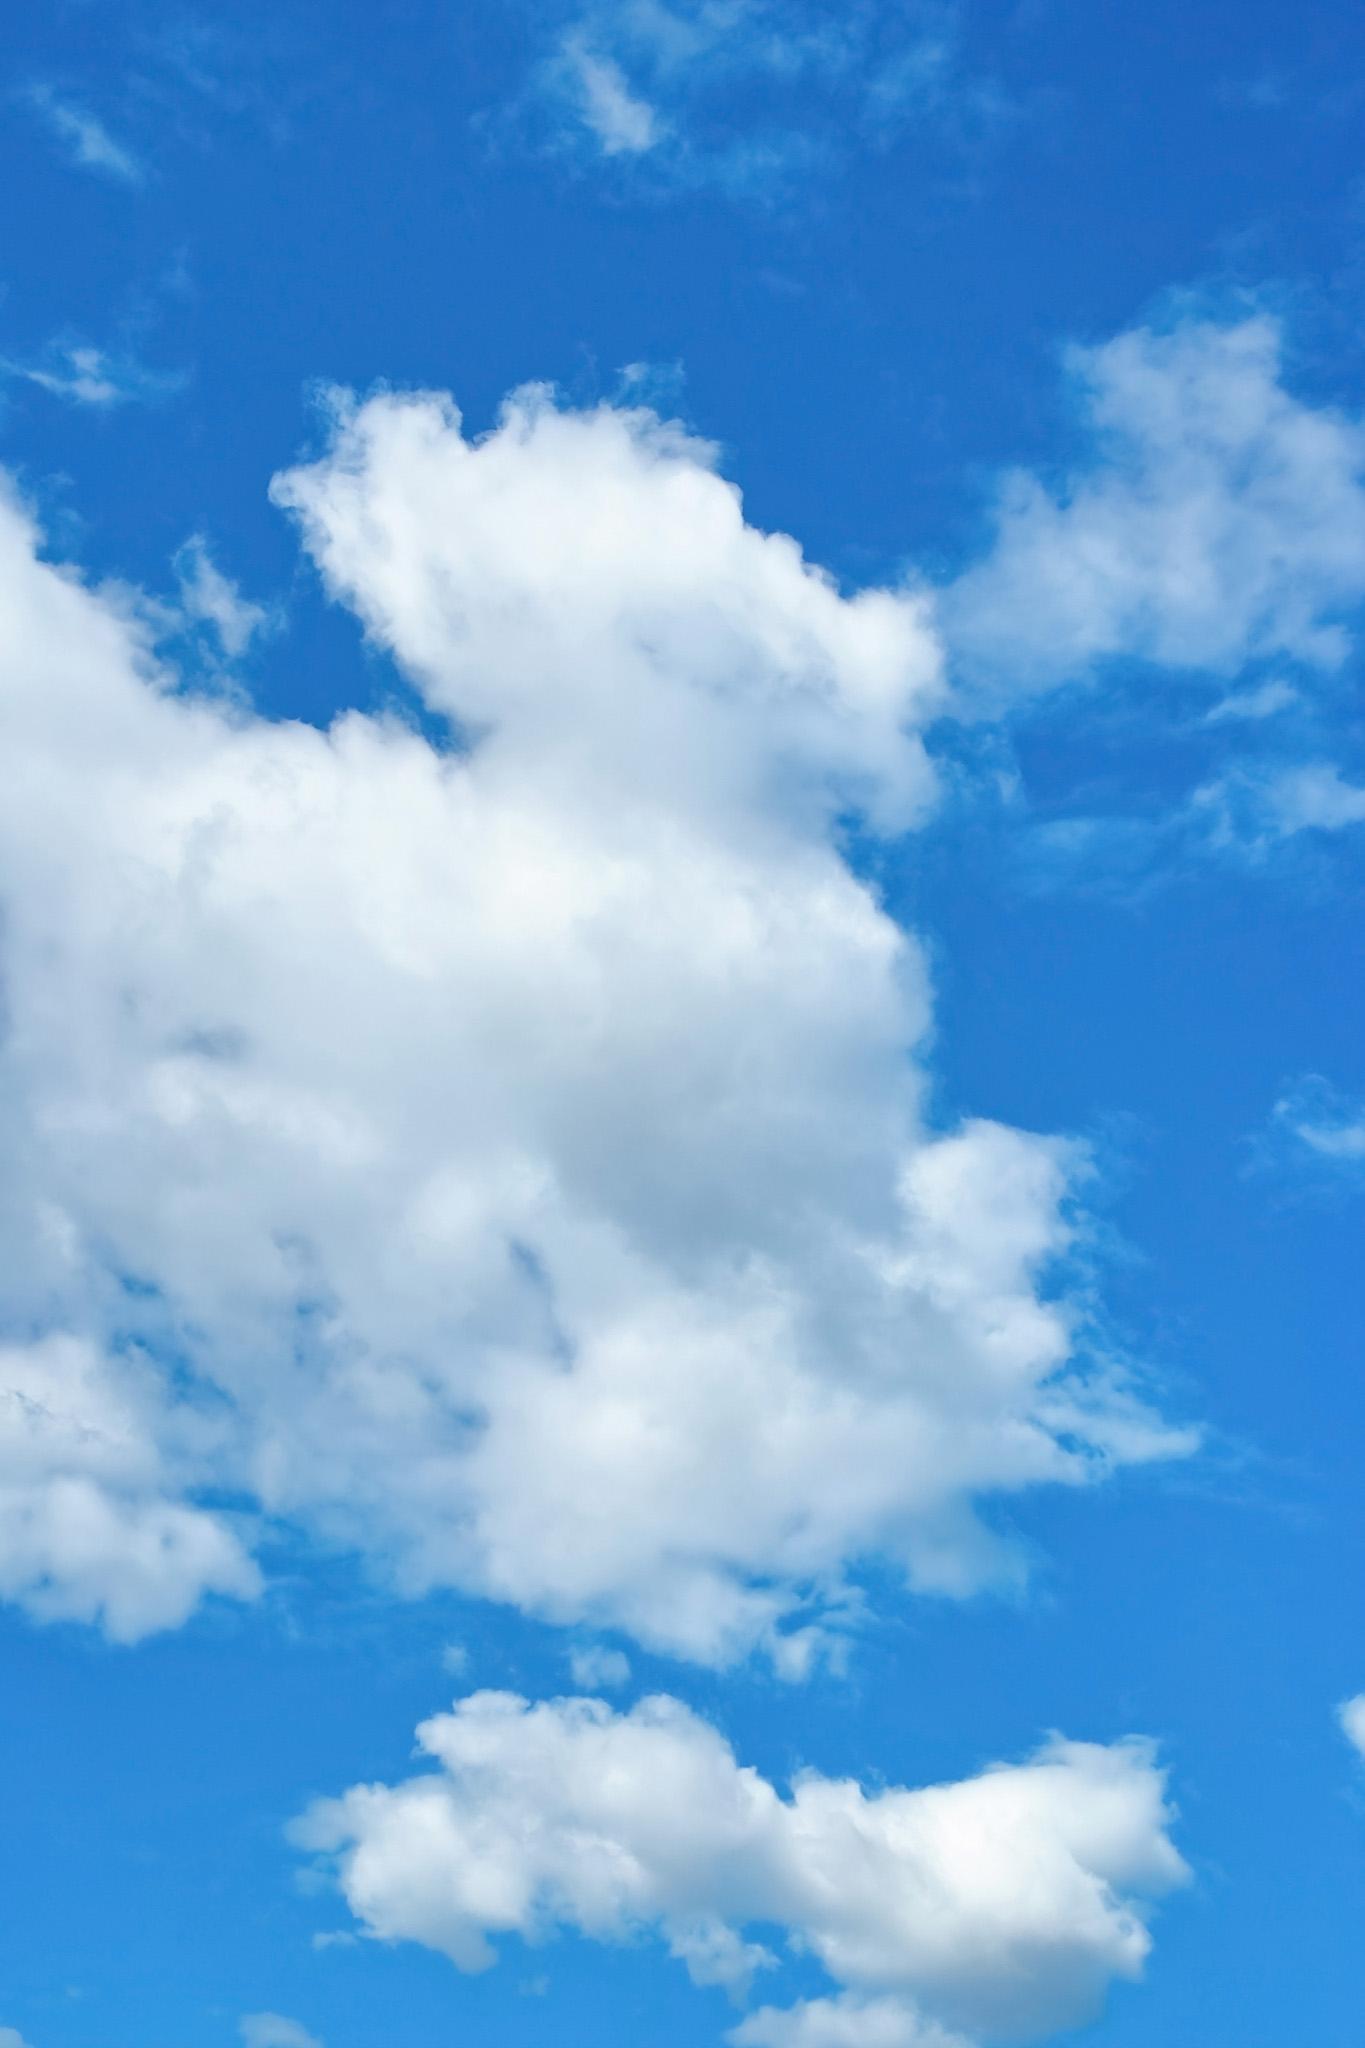 「鮮彩な青空と大きな雲」の画像を無料ダウンロード